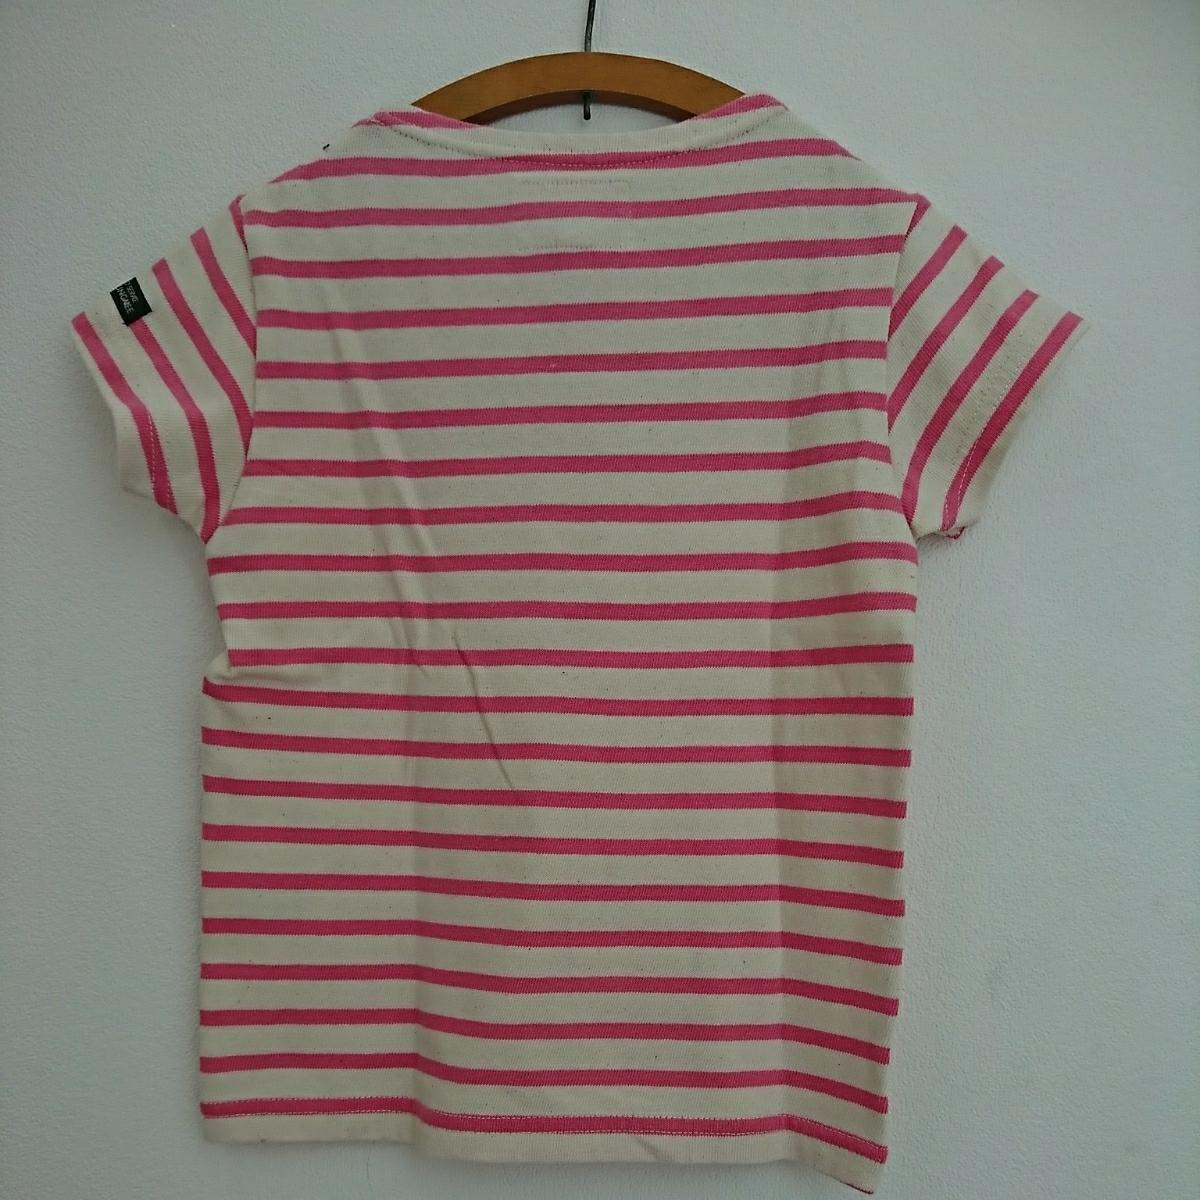 * 未使用タグ付き * DENIM DUNGAREE ボーダーTシャツ 120 ピンク FITH ゴートゥーハリウッド GO TO HOLLYWOOD デニム&ダンガリー 半袖_画像3